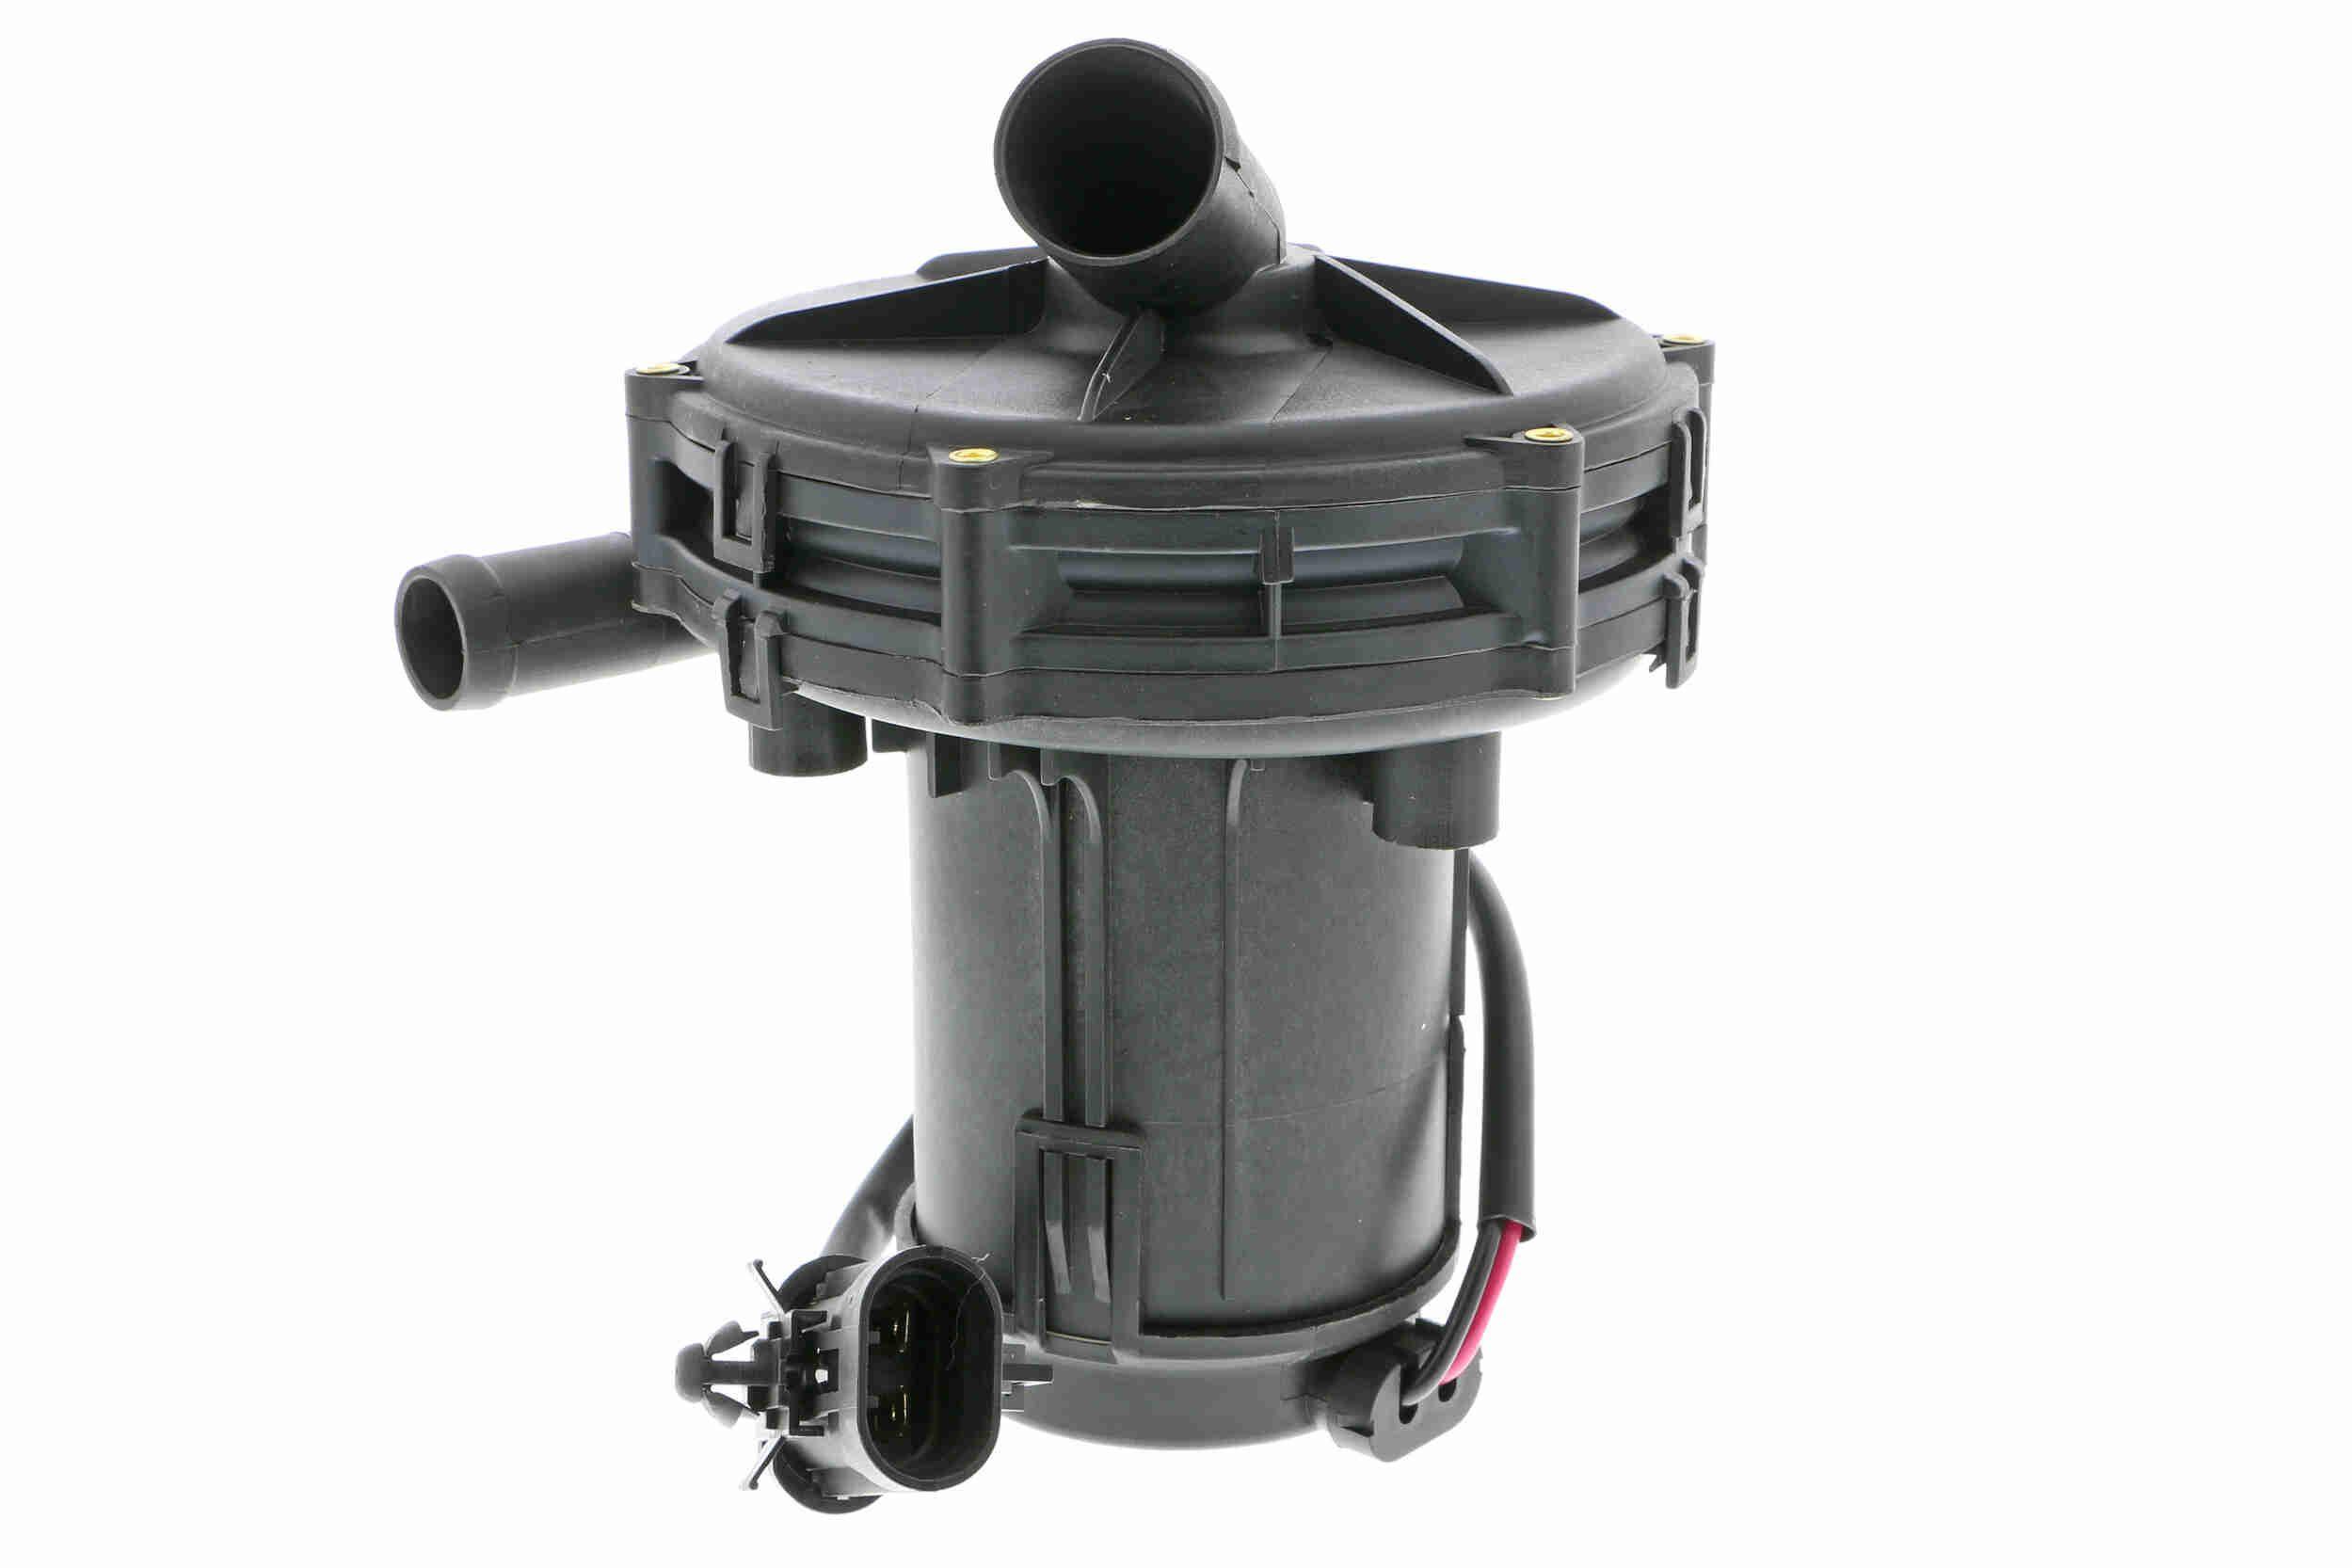 OPEL SENATOR Sekundärluftpumpe - Original VEMO V40-63-0052